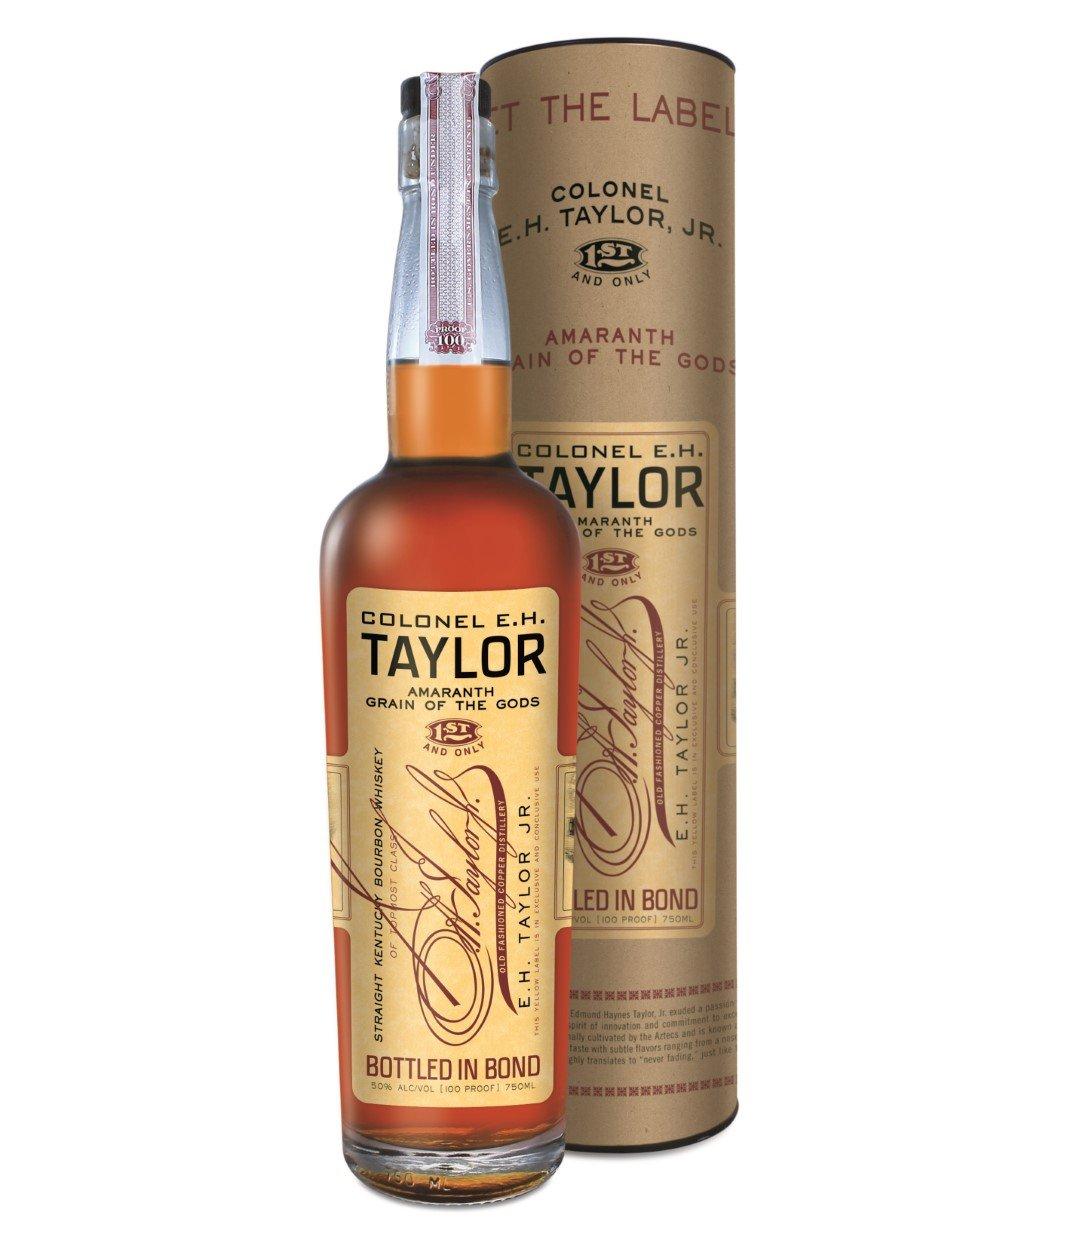 Col. E.H. Taylor Amaranth Bourbon